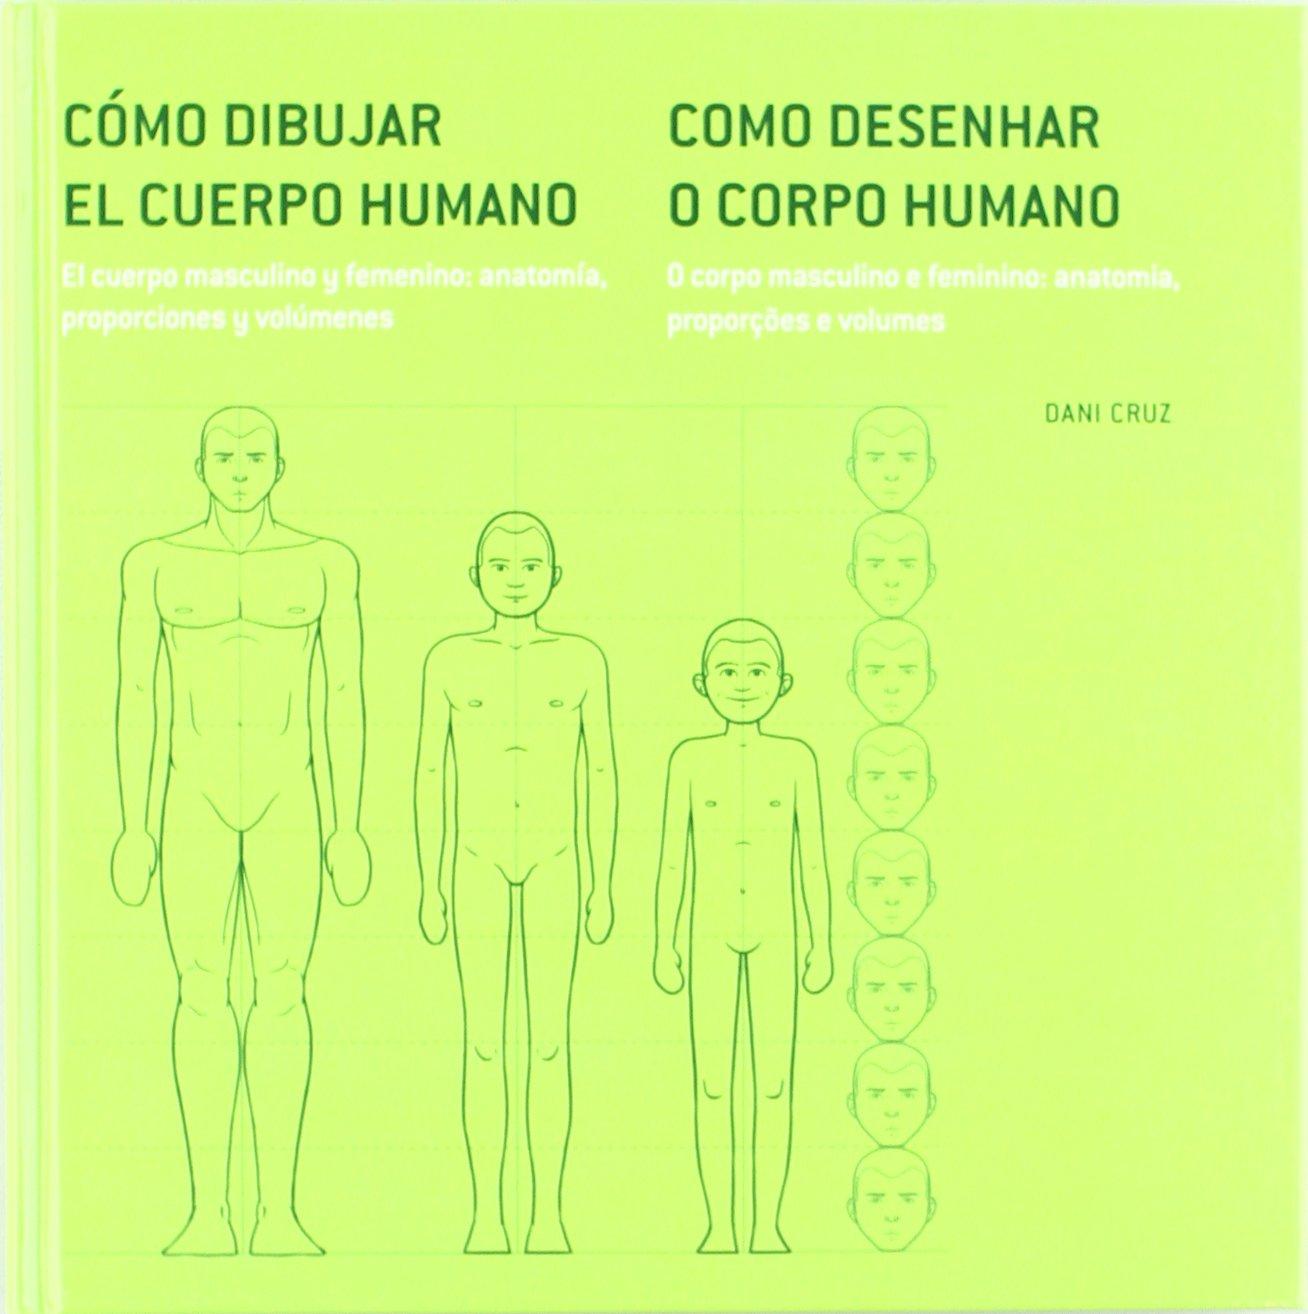 Como Dibujar El Cuerpo Humano Paso A Paso 1 El Cuerpo Masculino